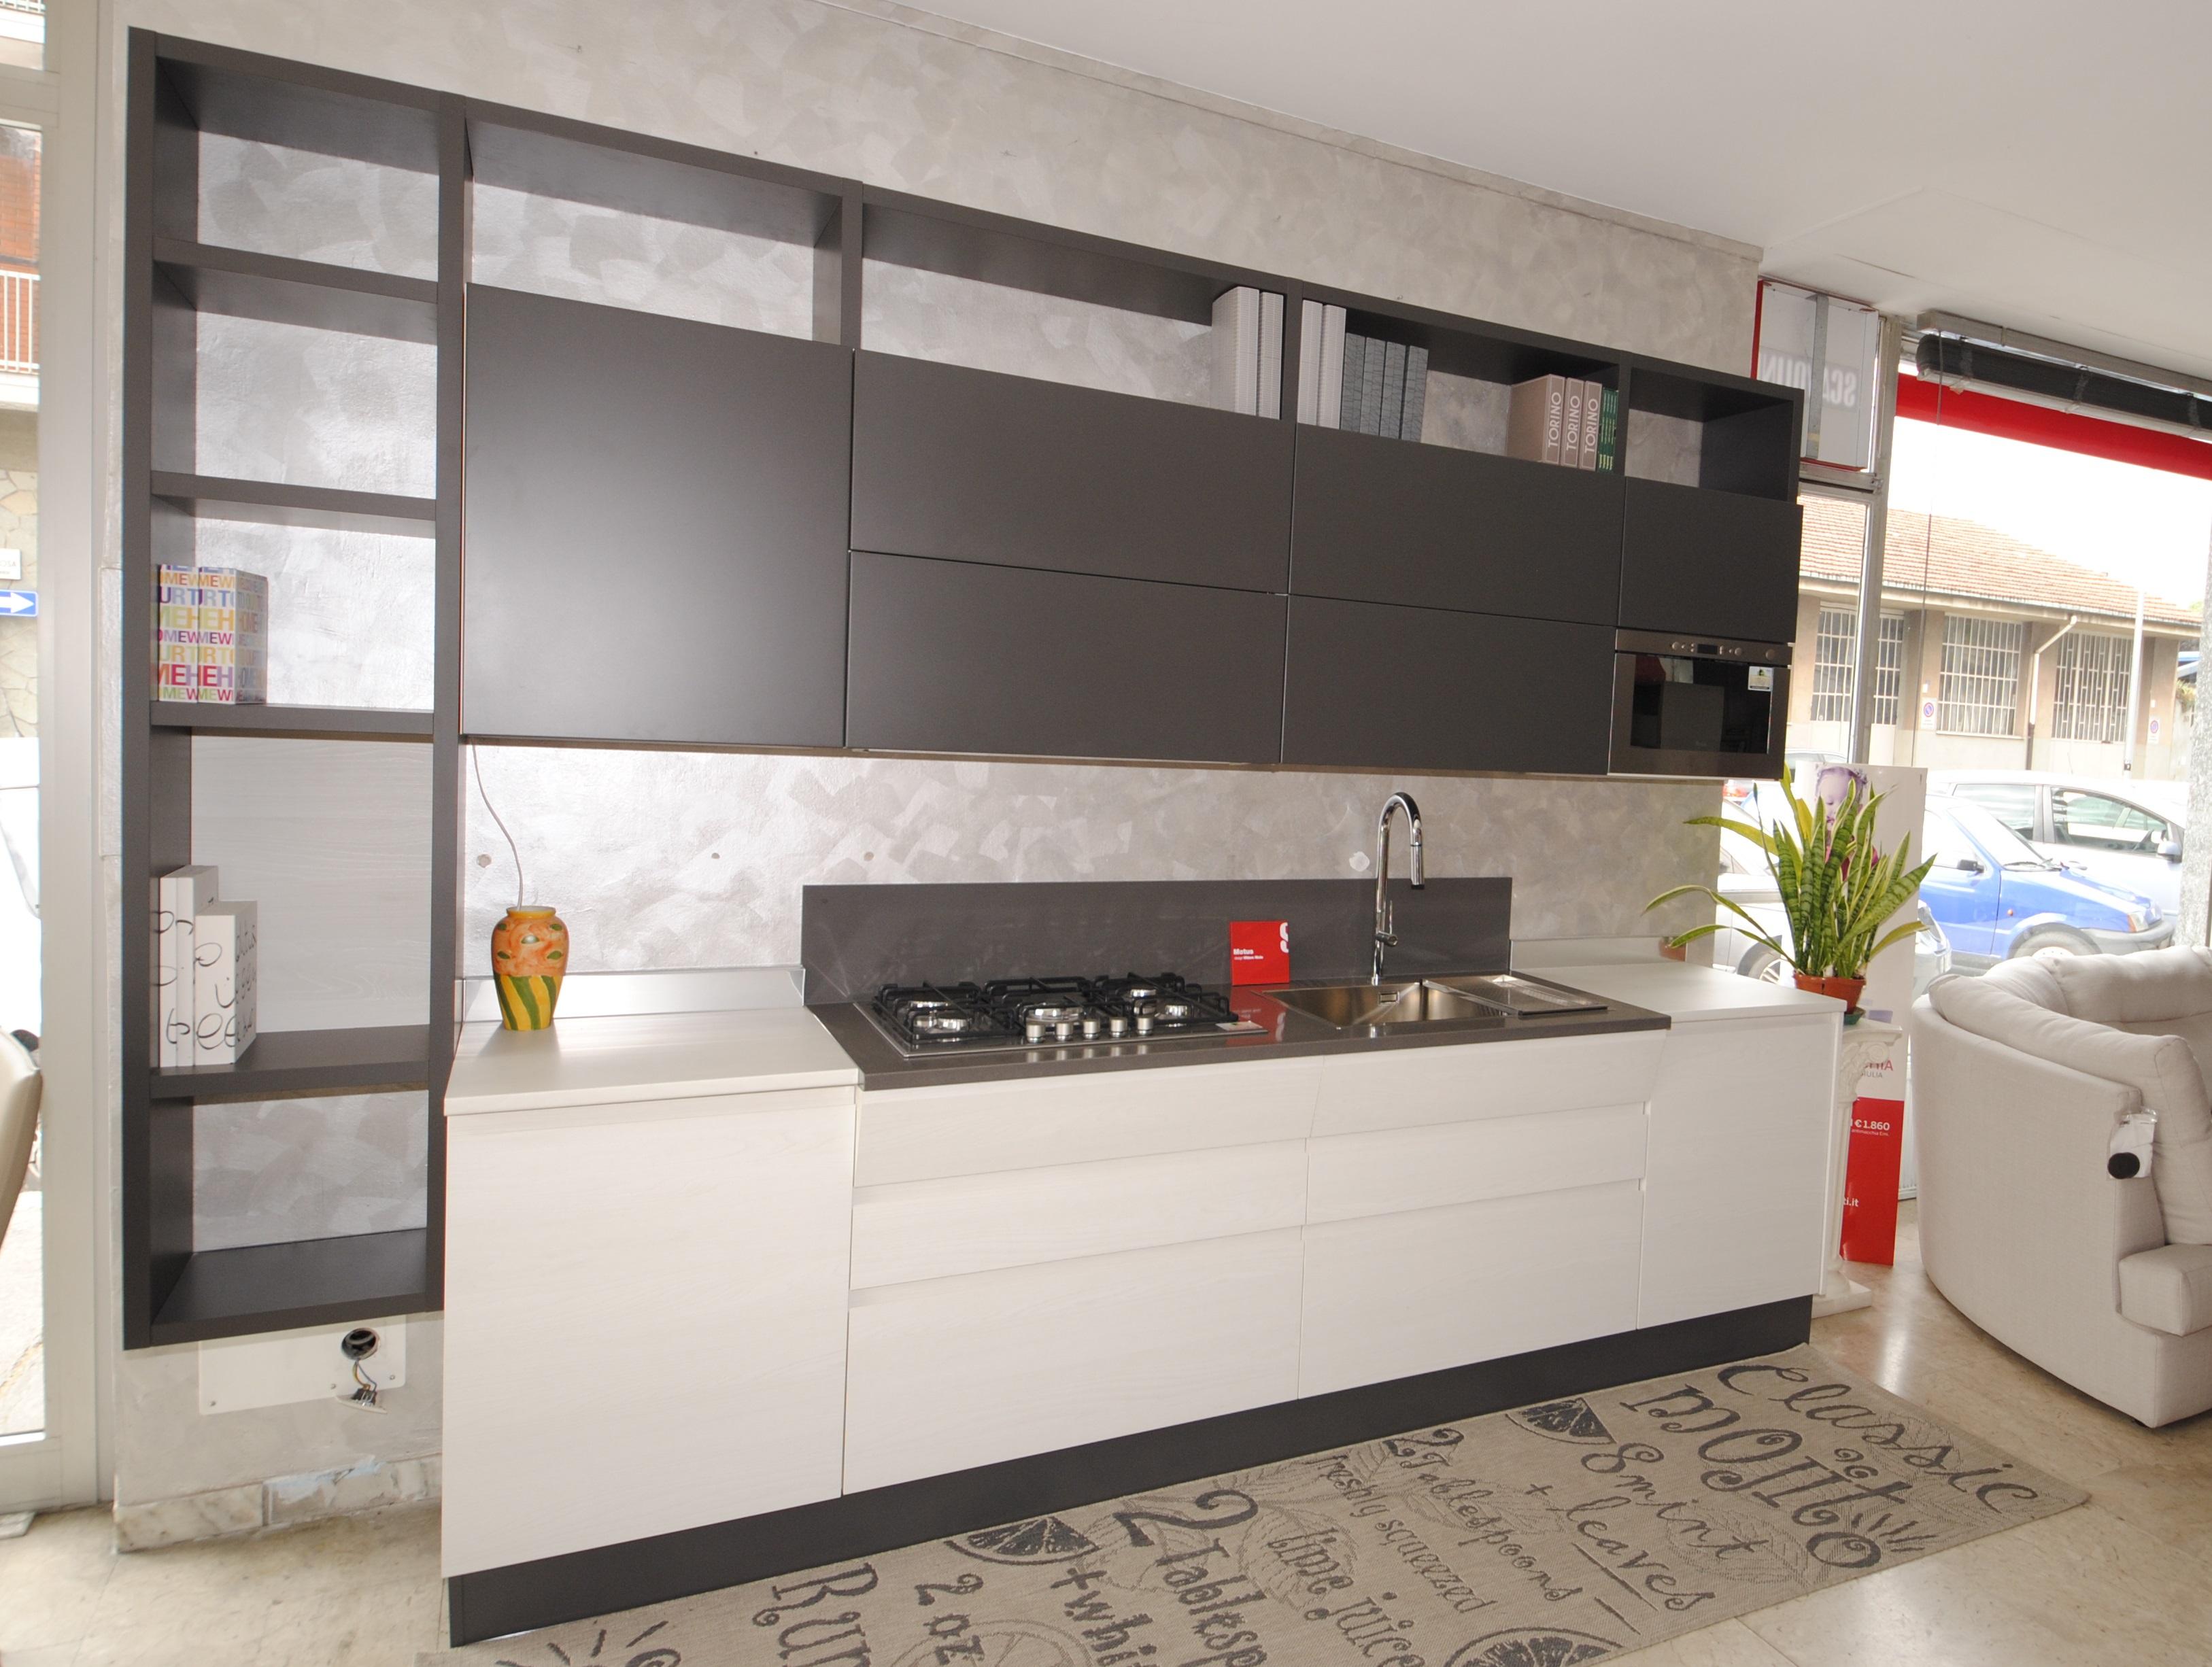 Offerta cucina Scavolini modello Motus - San Gaetano Arredamenti